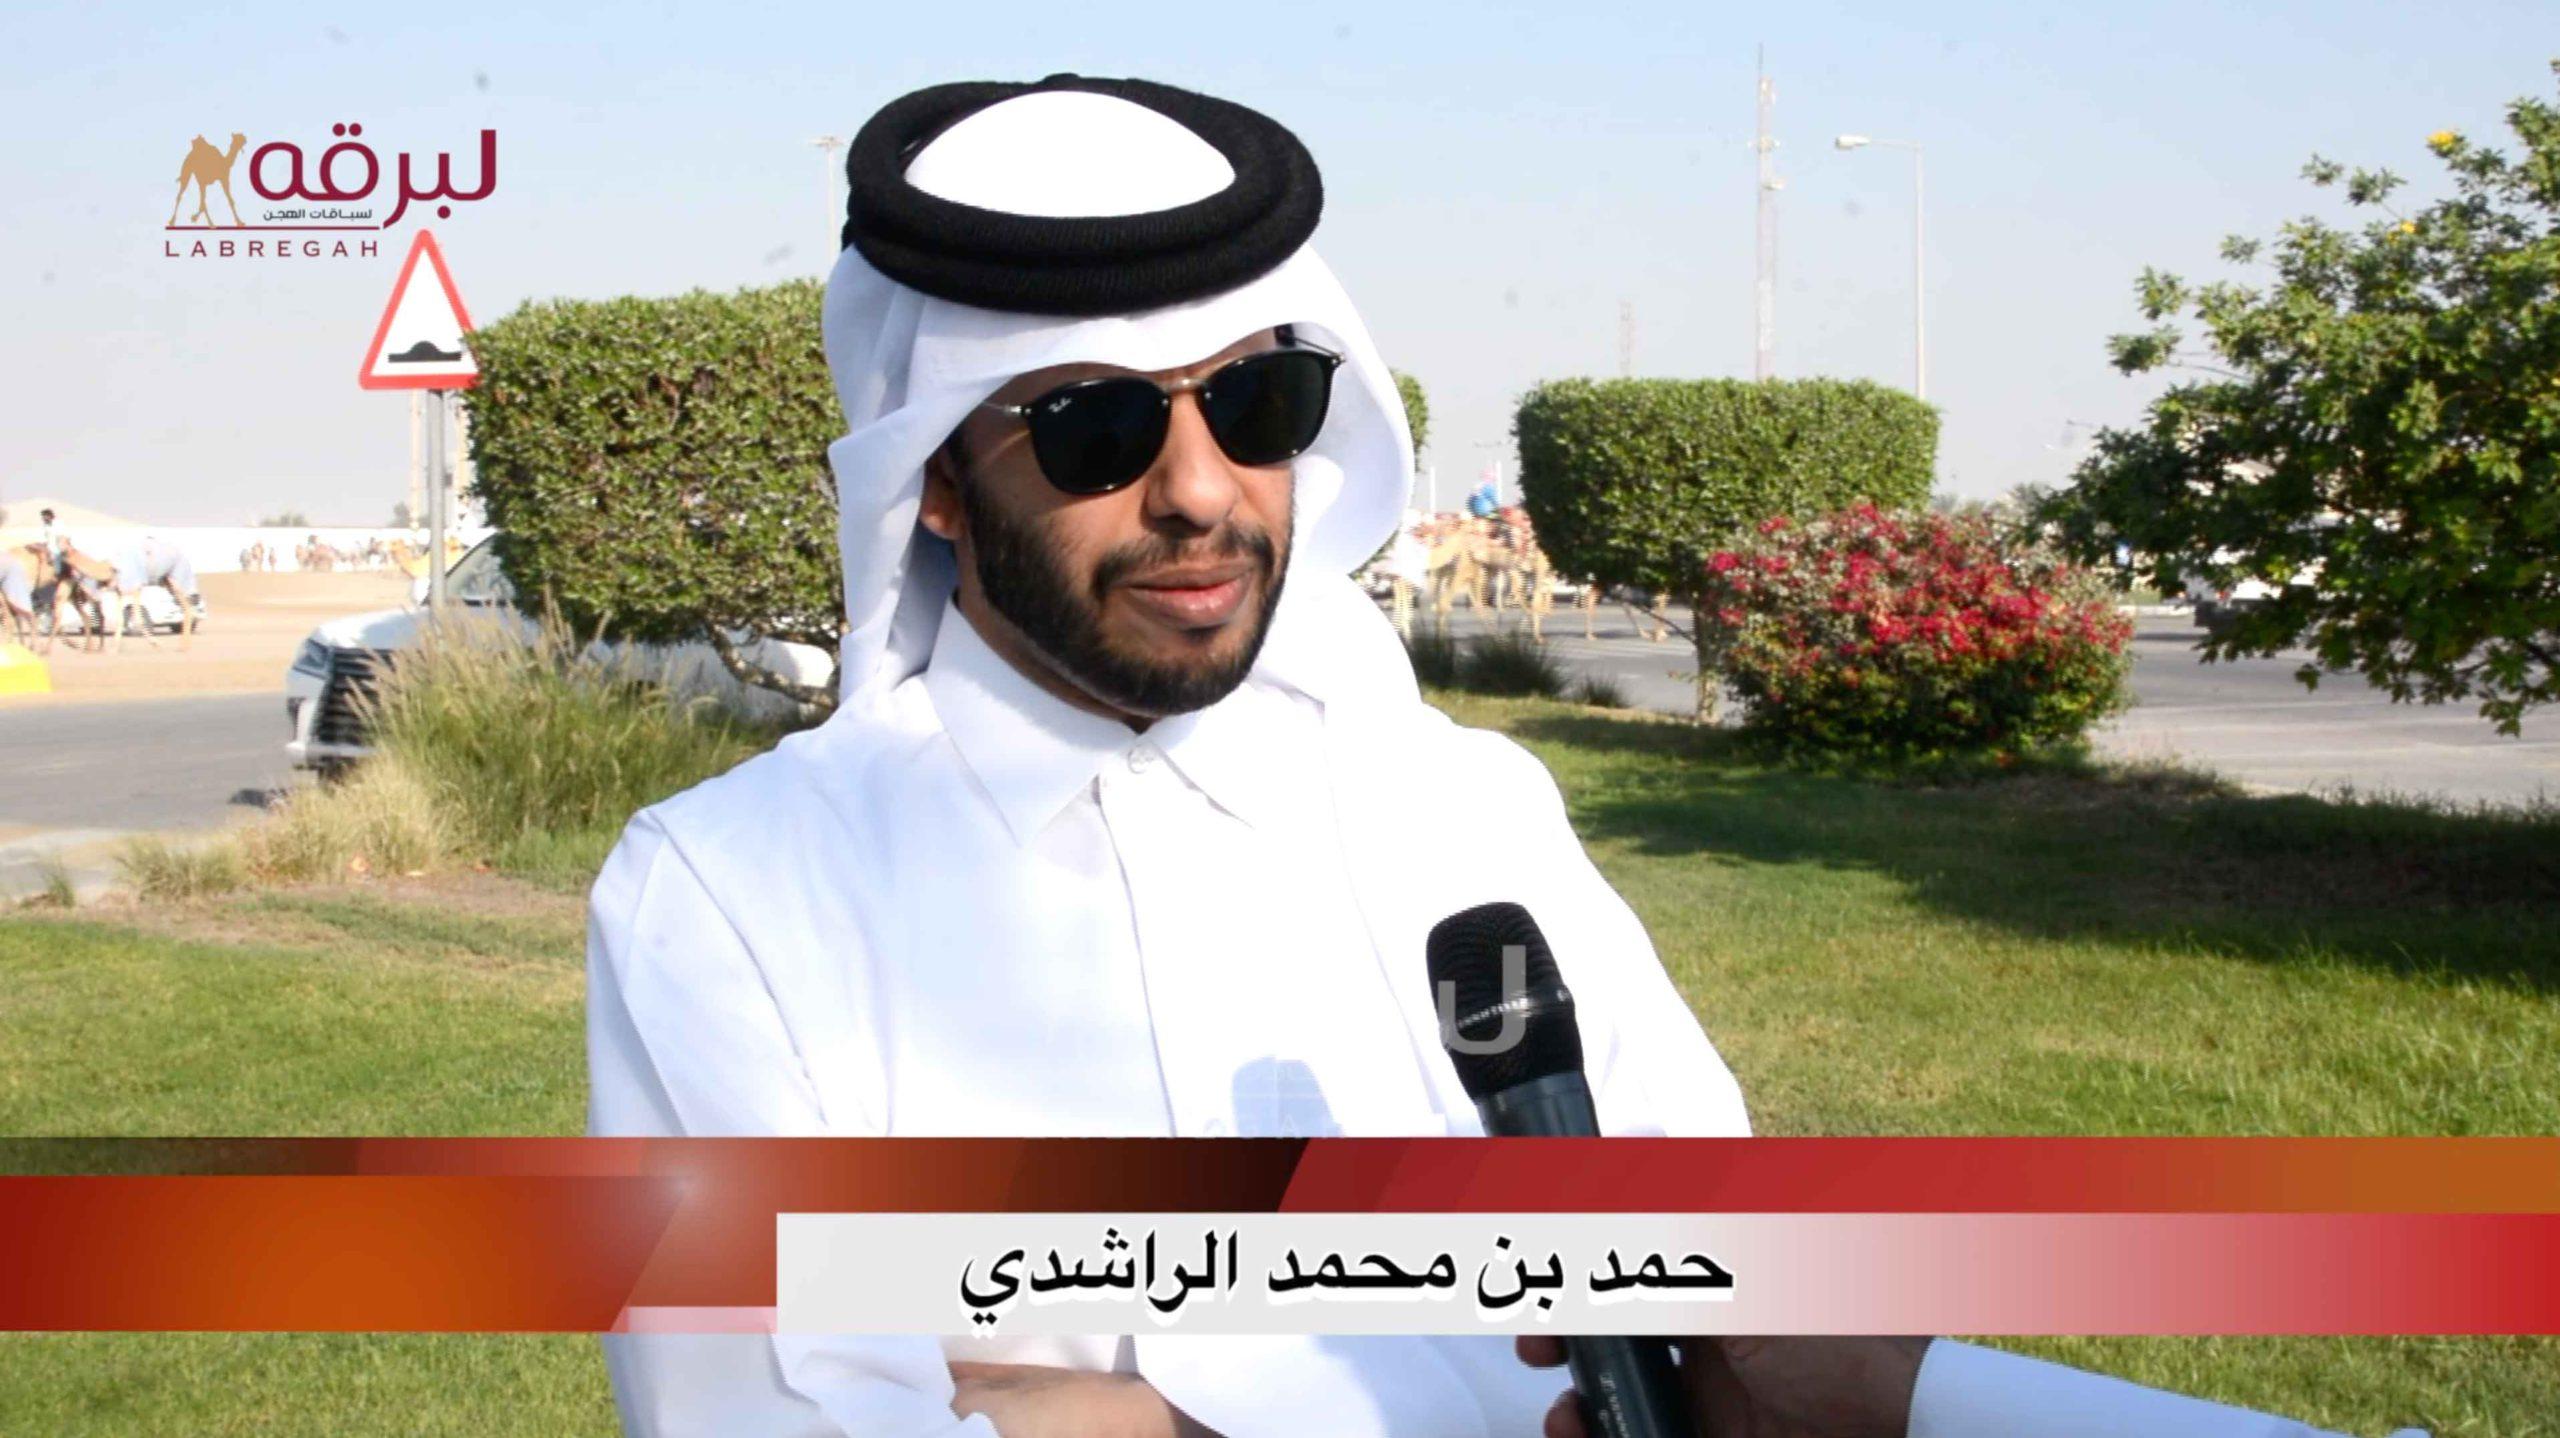 لقاء مع حمد بن محمد الراشدي.. الشوط الرئيسي للثنايا قعدان إنتاج الأشواط العامة  ٢٩-١٠-٢٠٢٠